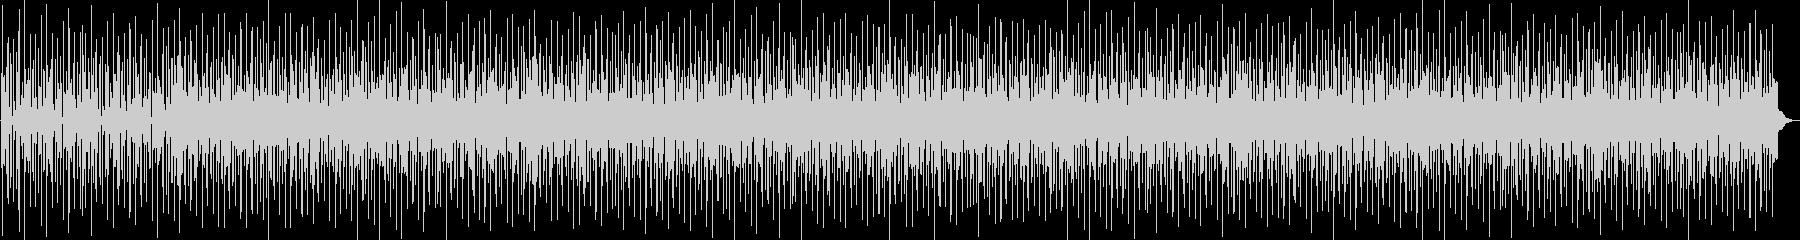 具体的なメロディが無いBGMです。爽や…の未再生の波形